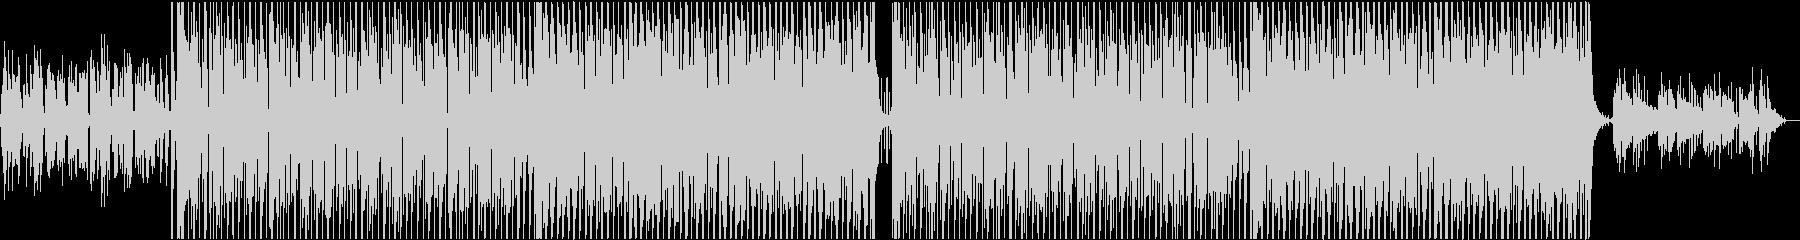 ワウが効いた単音カッティングギターの未再生の波形